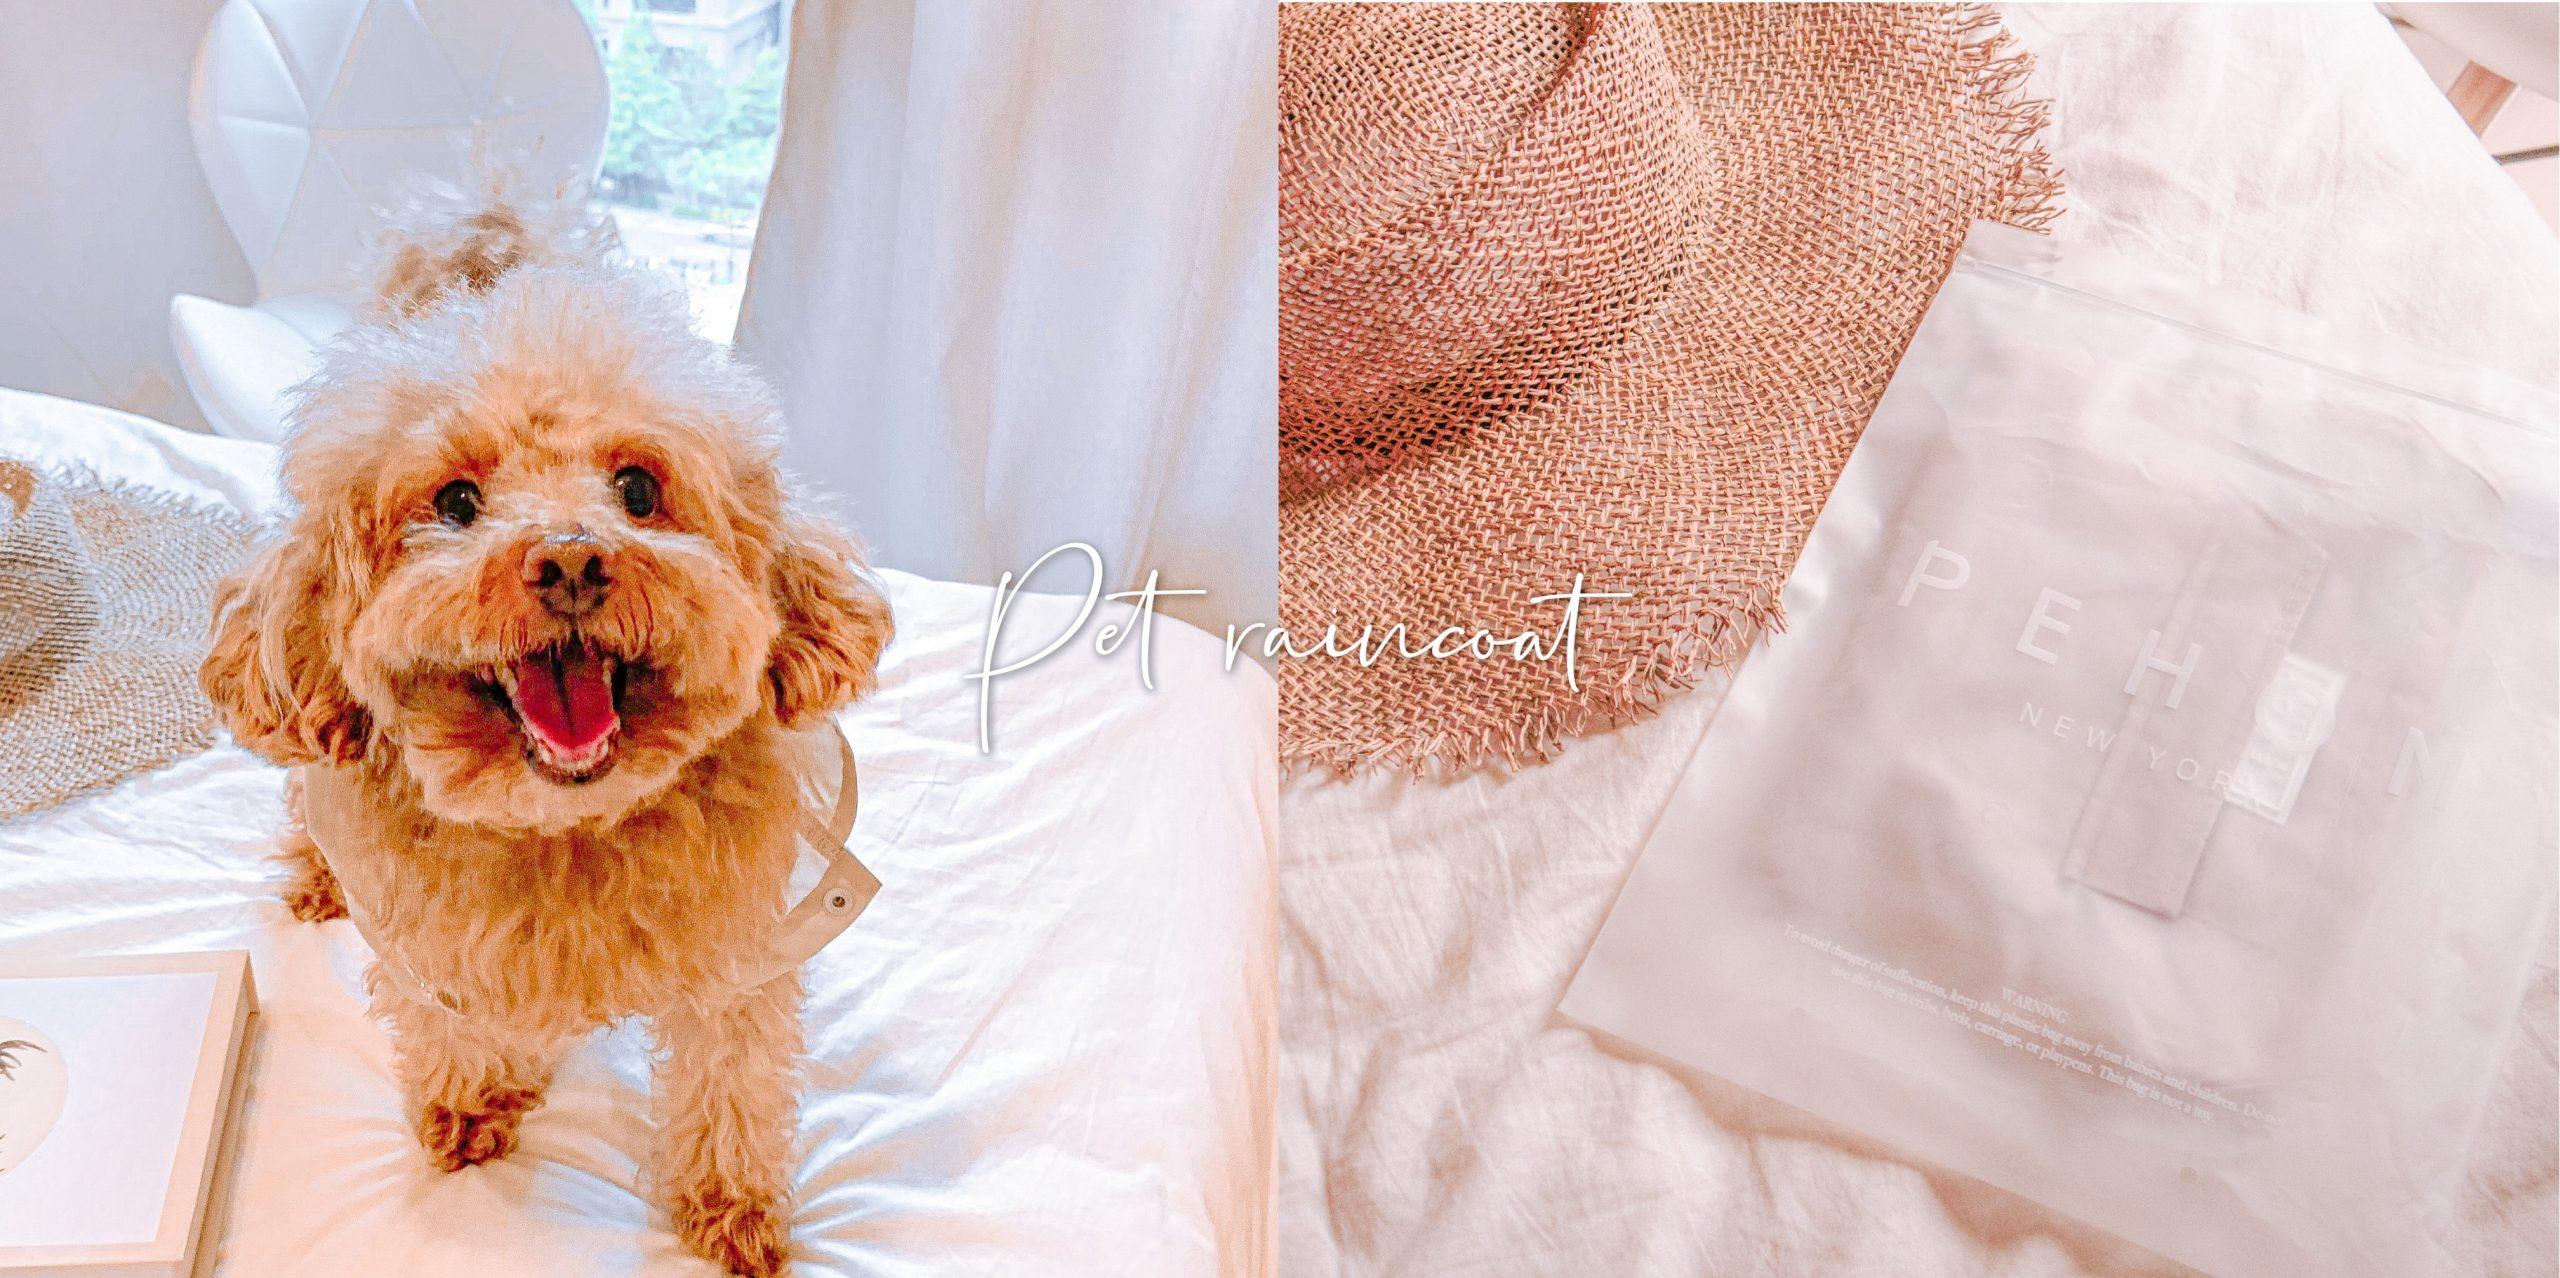 寵物雨衣推薦-紐約PEHOM 可調節式防潑水雨衣,原來狗狗雨衣也能這麼時尚!寵物雨衣diy、寵物雨衣透明、狗雨衣diy、狗雨衣ptt